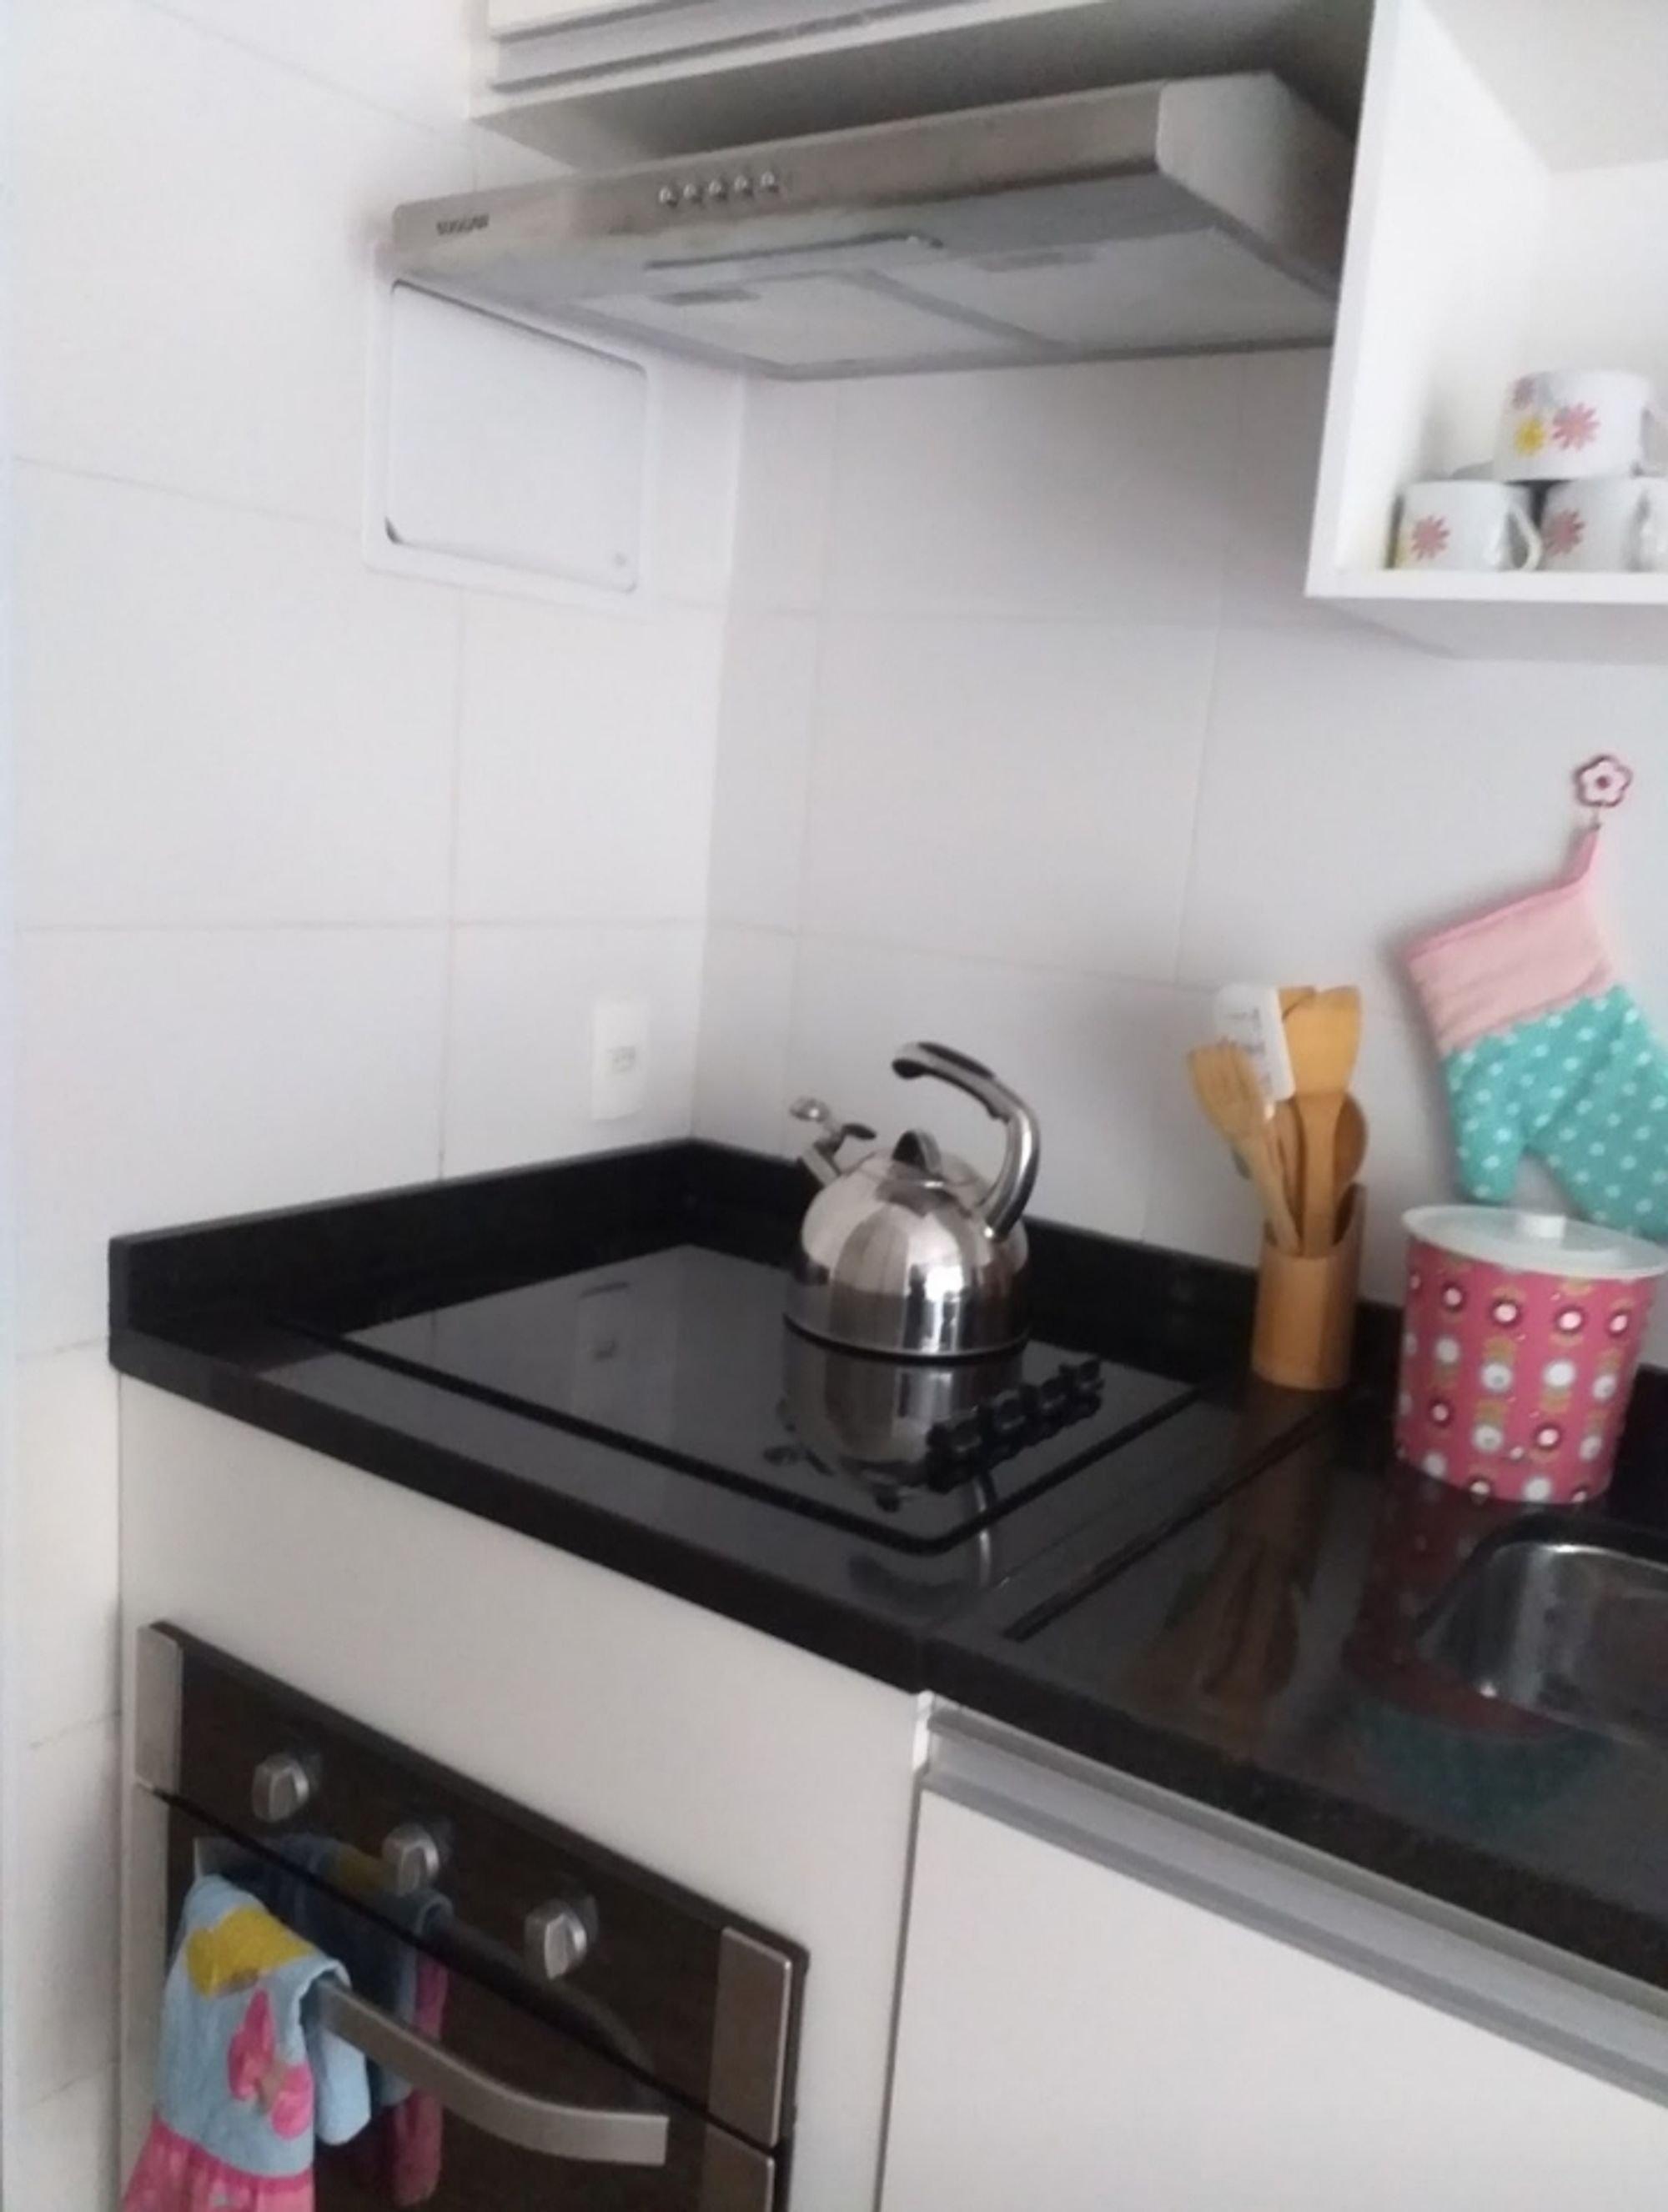 Foto de Cozinha com forno, escova de dente, xícara